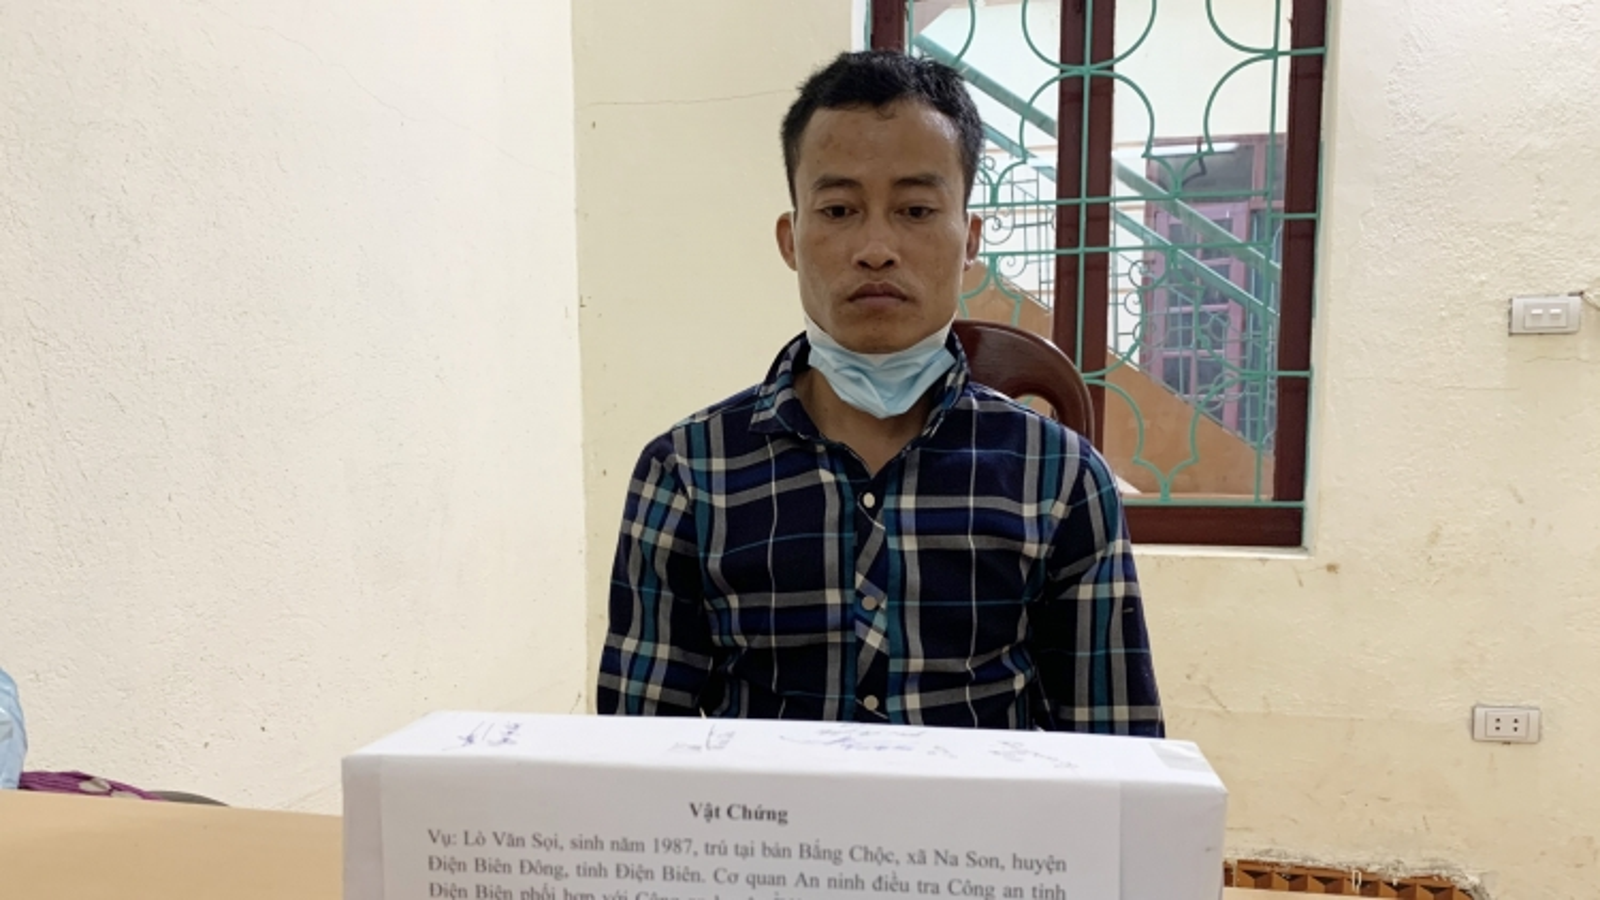 Công an Điện Biên bắt giữ 2 đối tượng mua bán trái phép vật liệu nổ